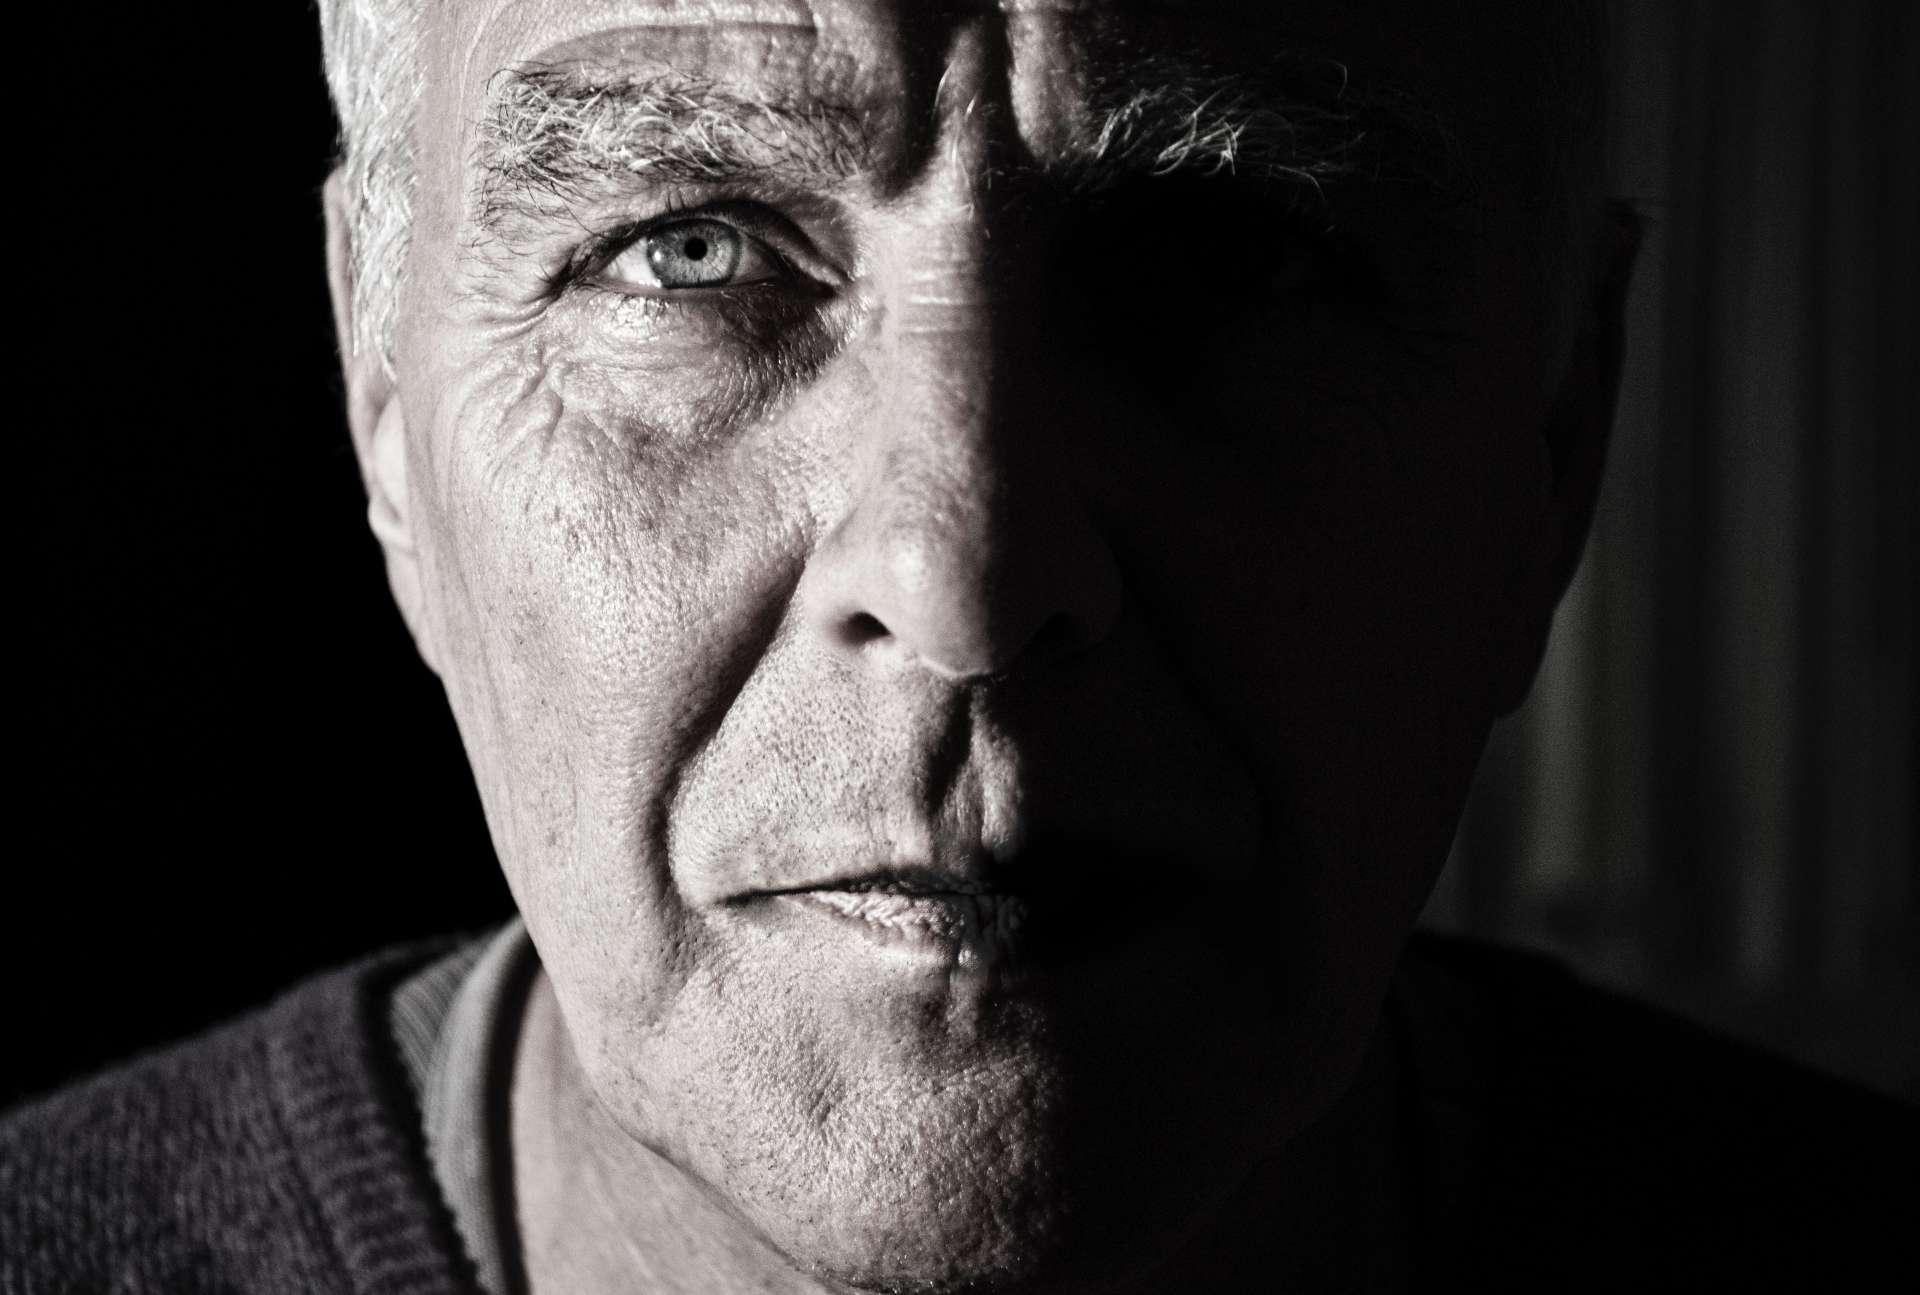 HOMBRE 45 - 60 años / HOMBRE 50 - 75 años